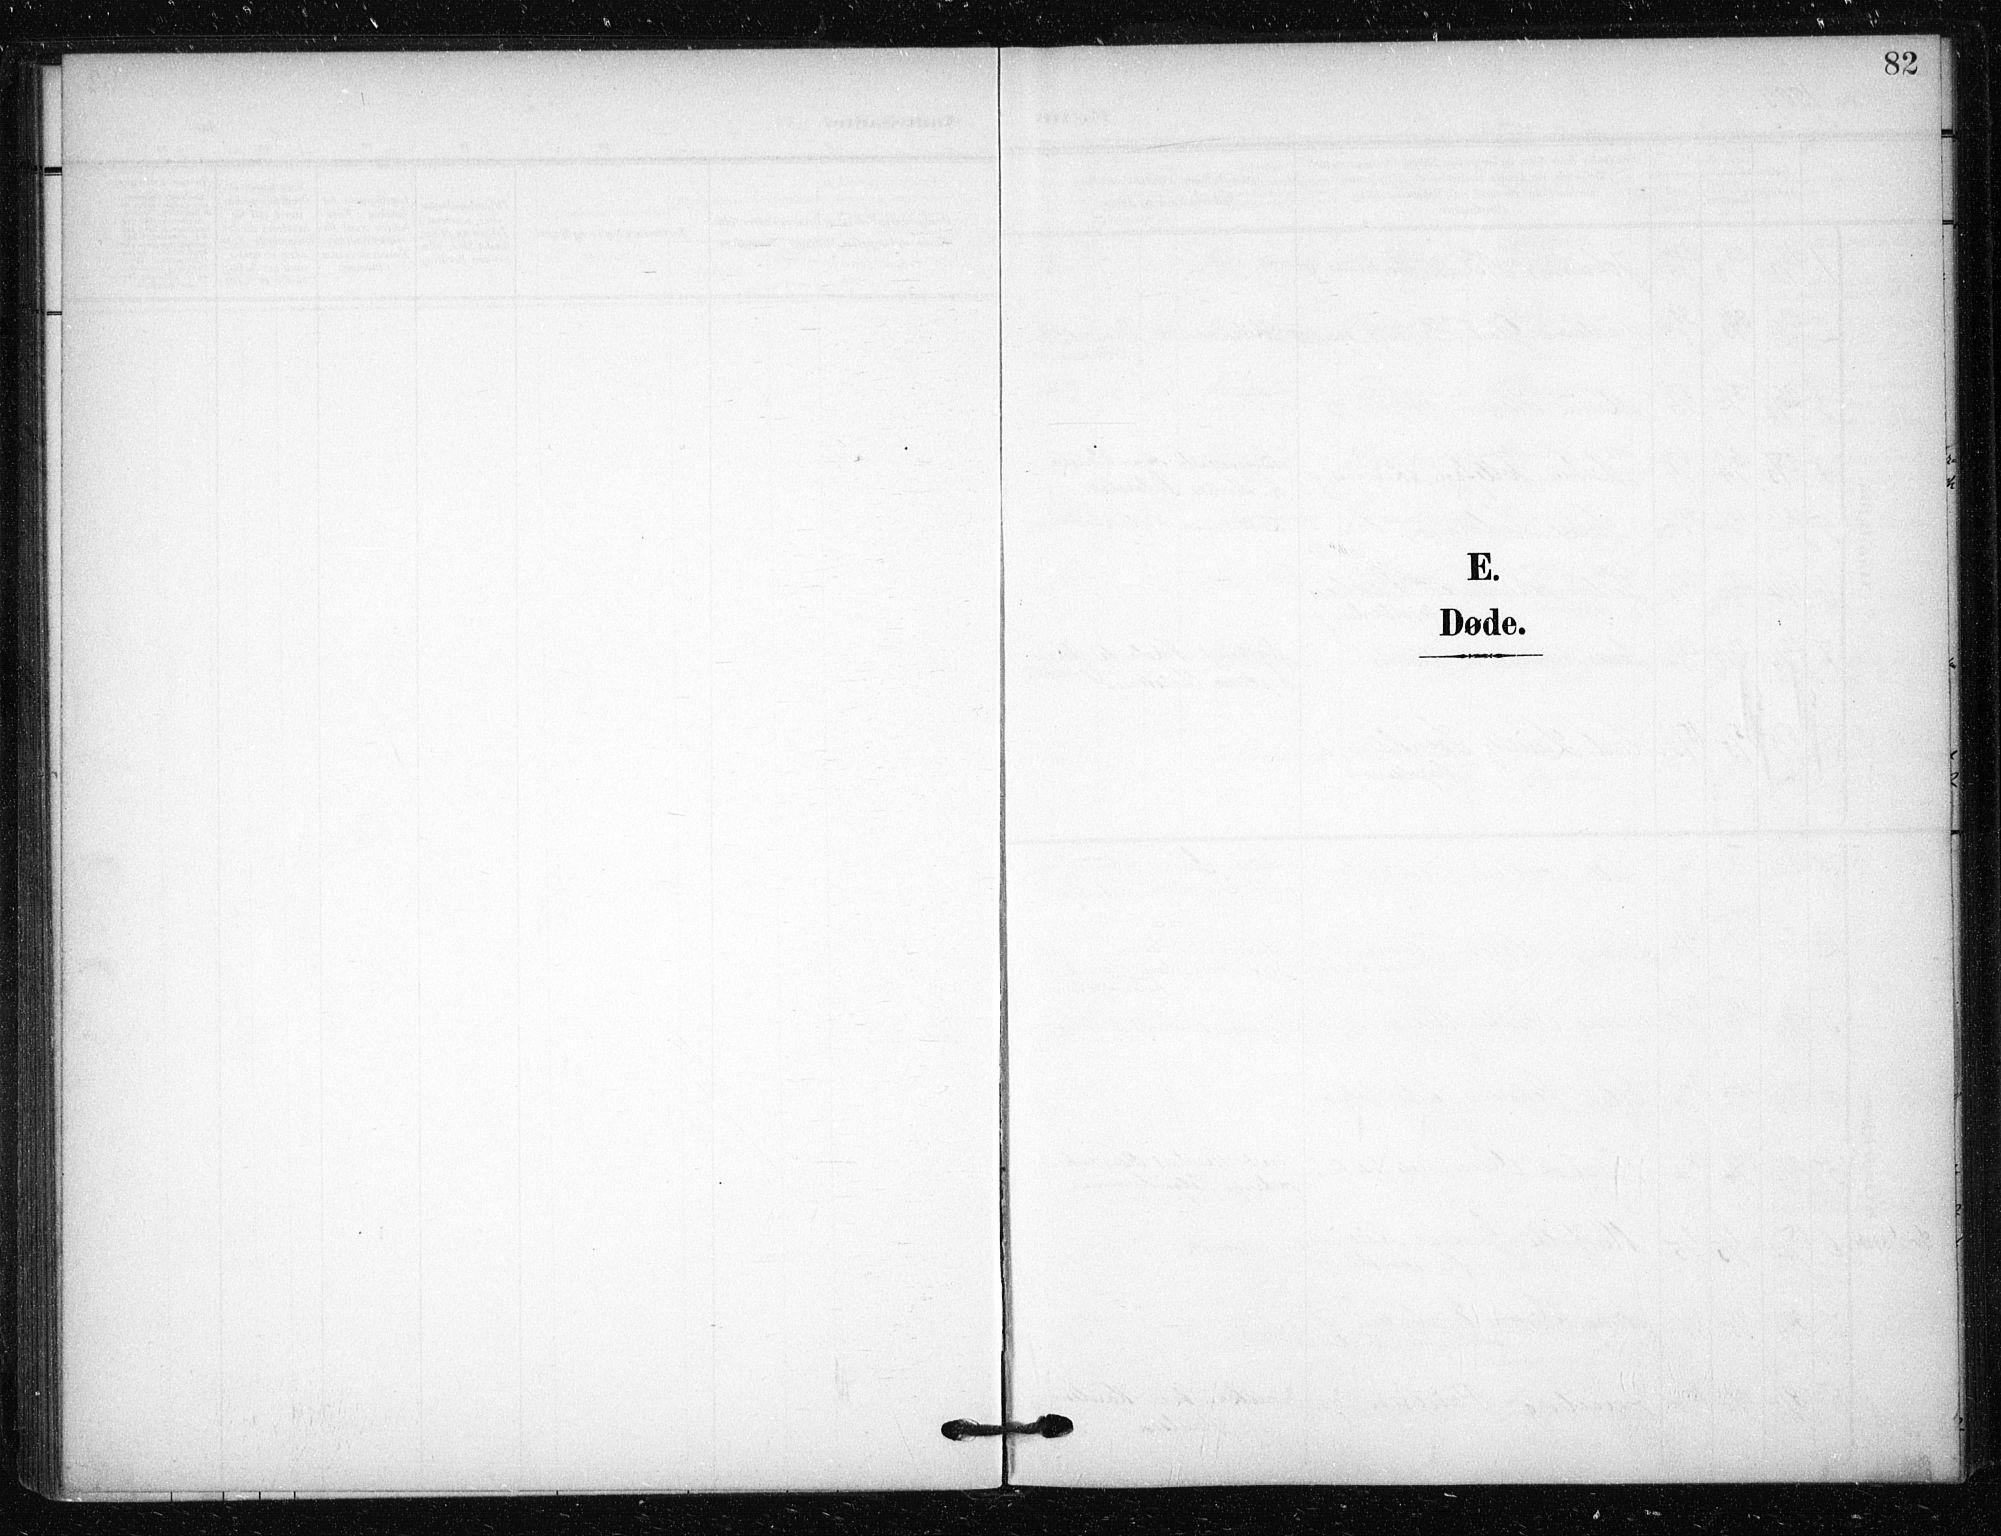 SAO, Tøyen prestekontor Kirkebøker, F/Fa/L0002: Ministerialbok nr. 2, 1907-1916, s. 82